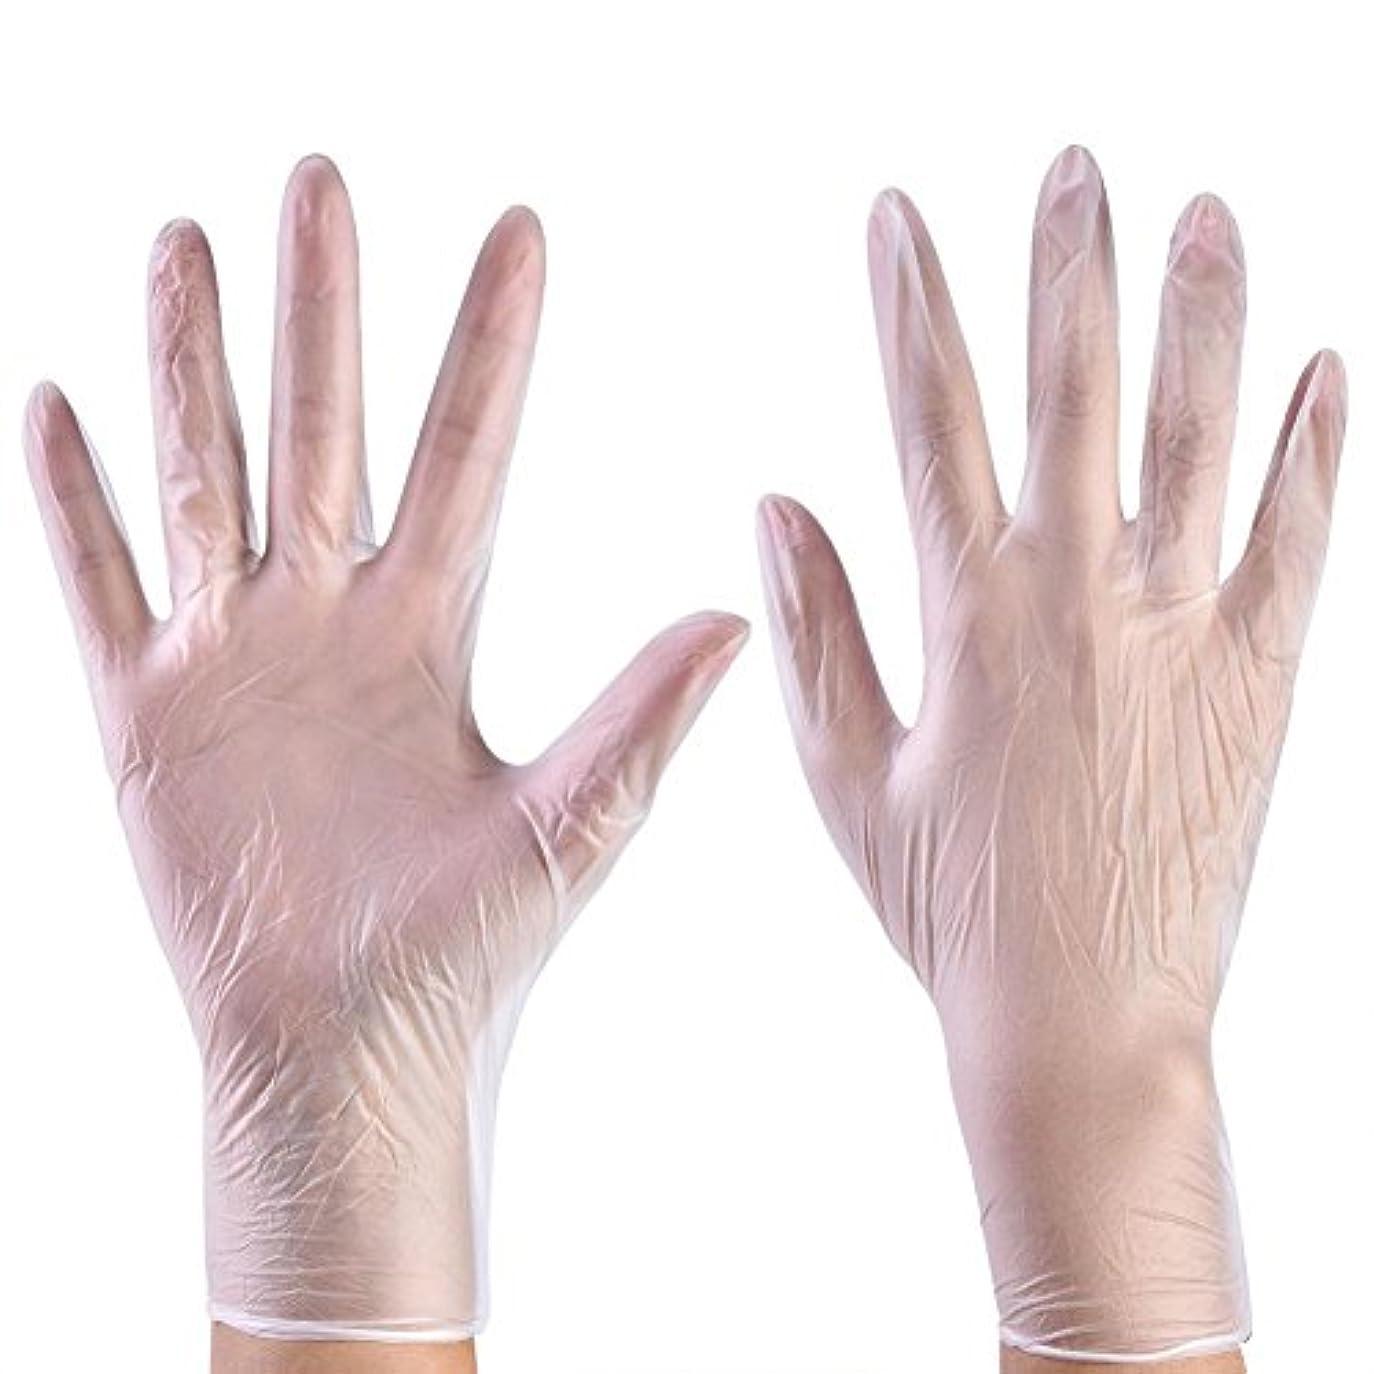 家具不良明らかに使い捨て手袋 ニトリルグローブ ホワイト 粉なし タトゥー/歯科/病院/研究室に適応 S/M/L選択可 100枚 左右兼用(L)